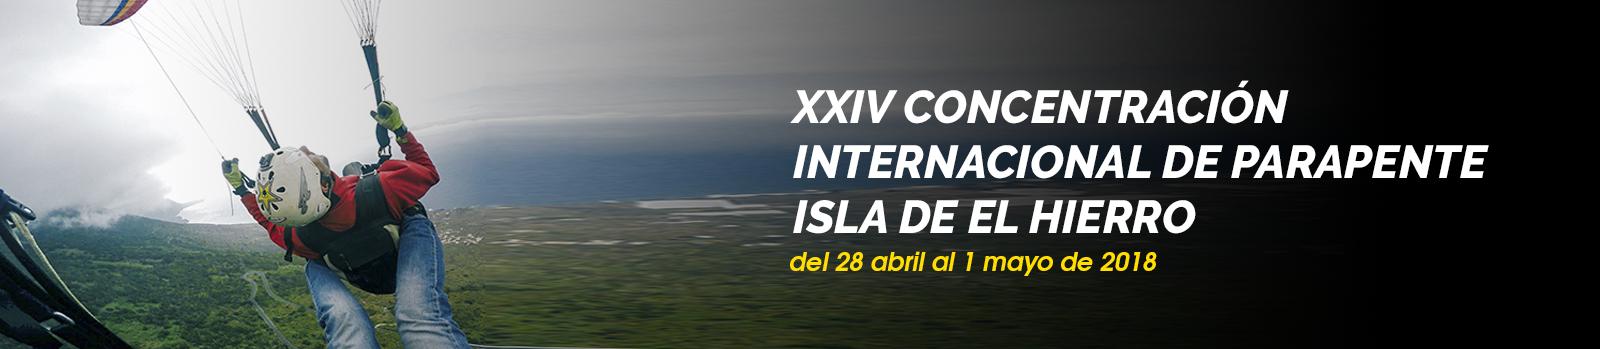 Concentración Internacional de Parapente isla de El Hierro